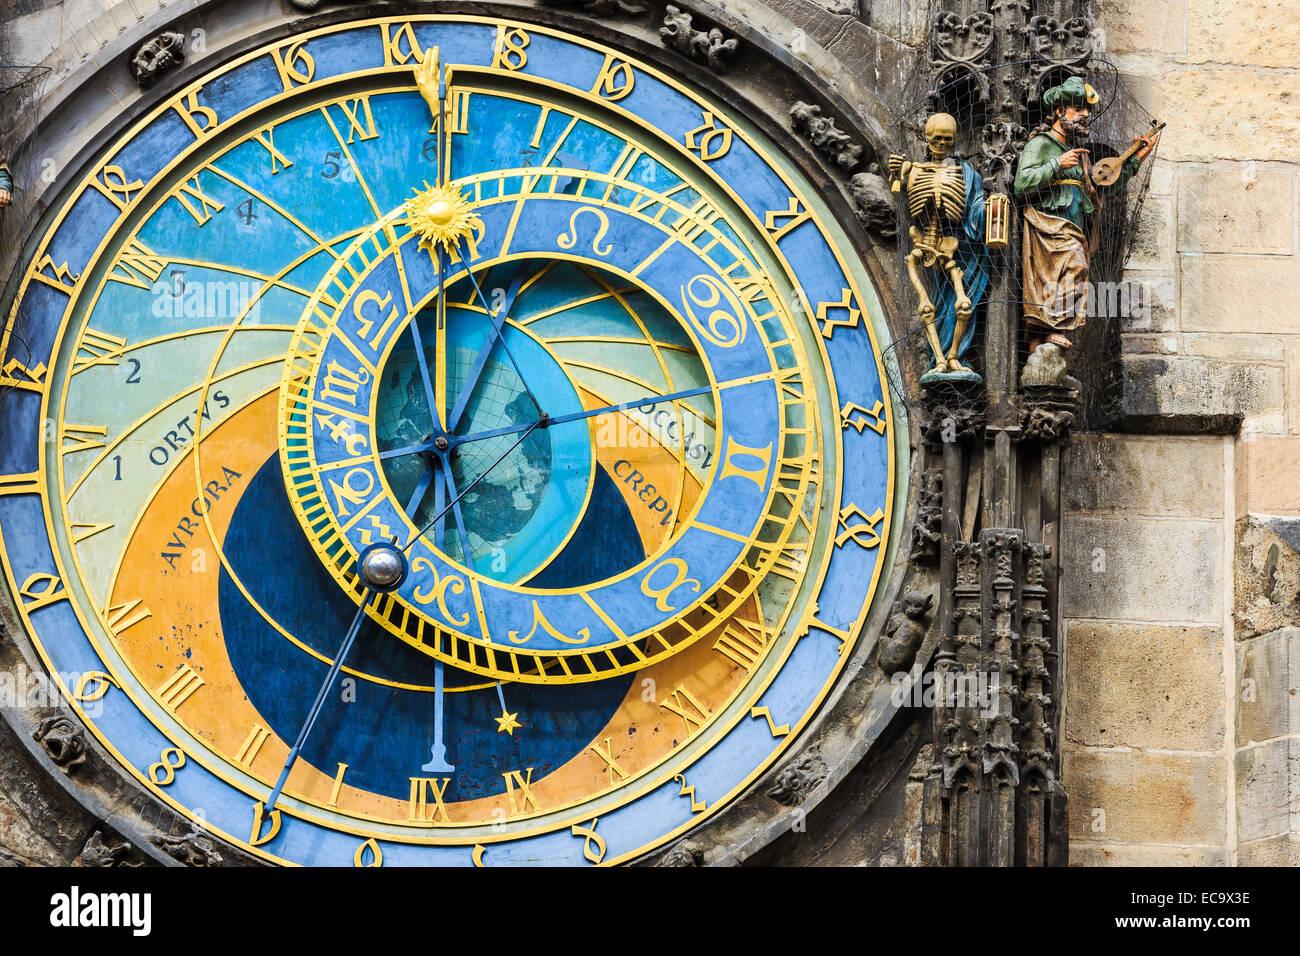 Astronomische Uhr in Prag, Tschechische Republik Stockbild